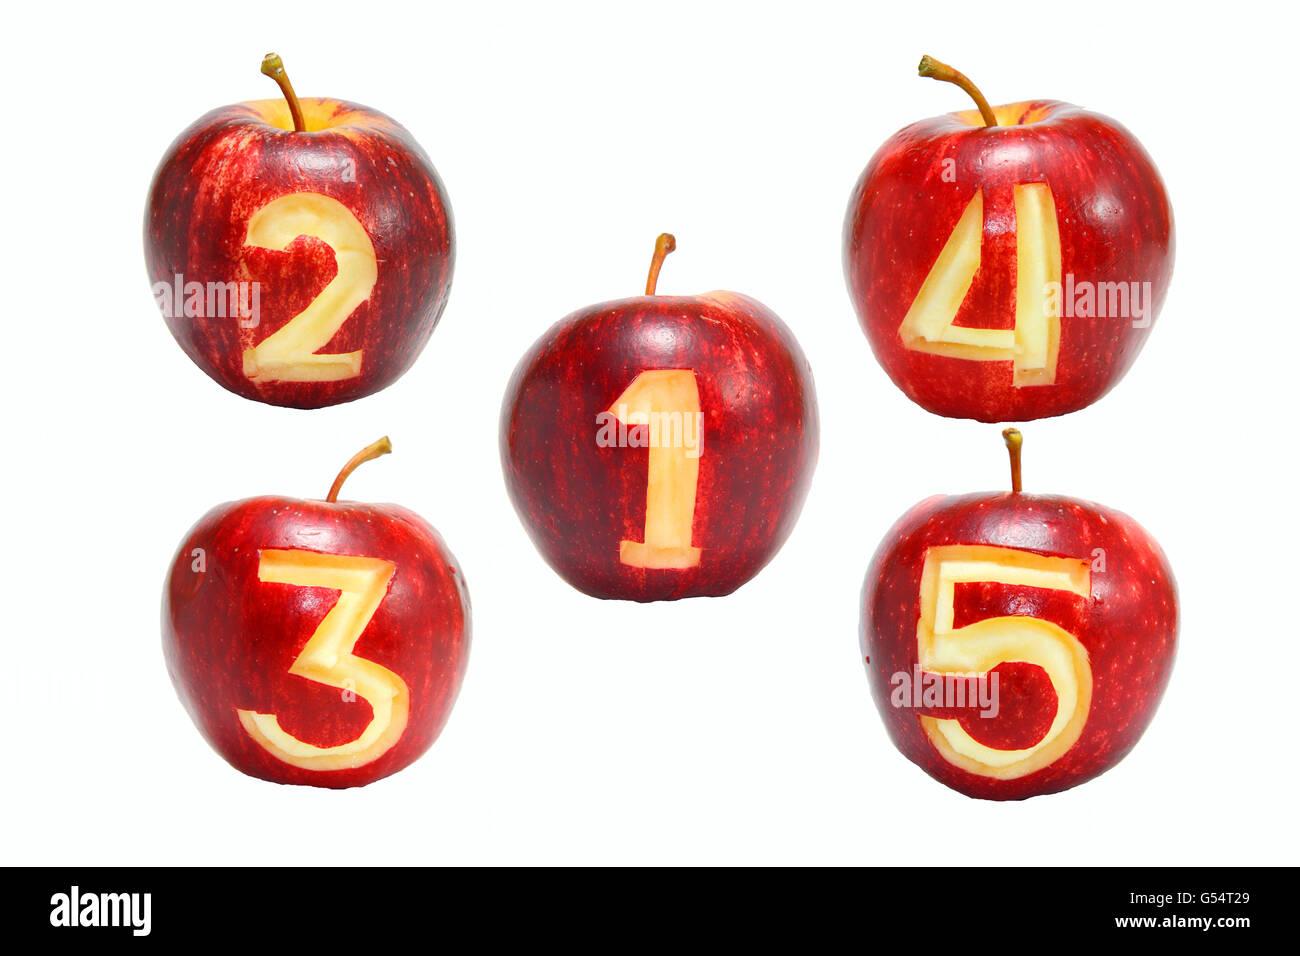 Número 1 al 5 símbolo de manzanas Imagen De Stock